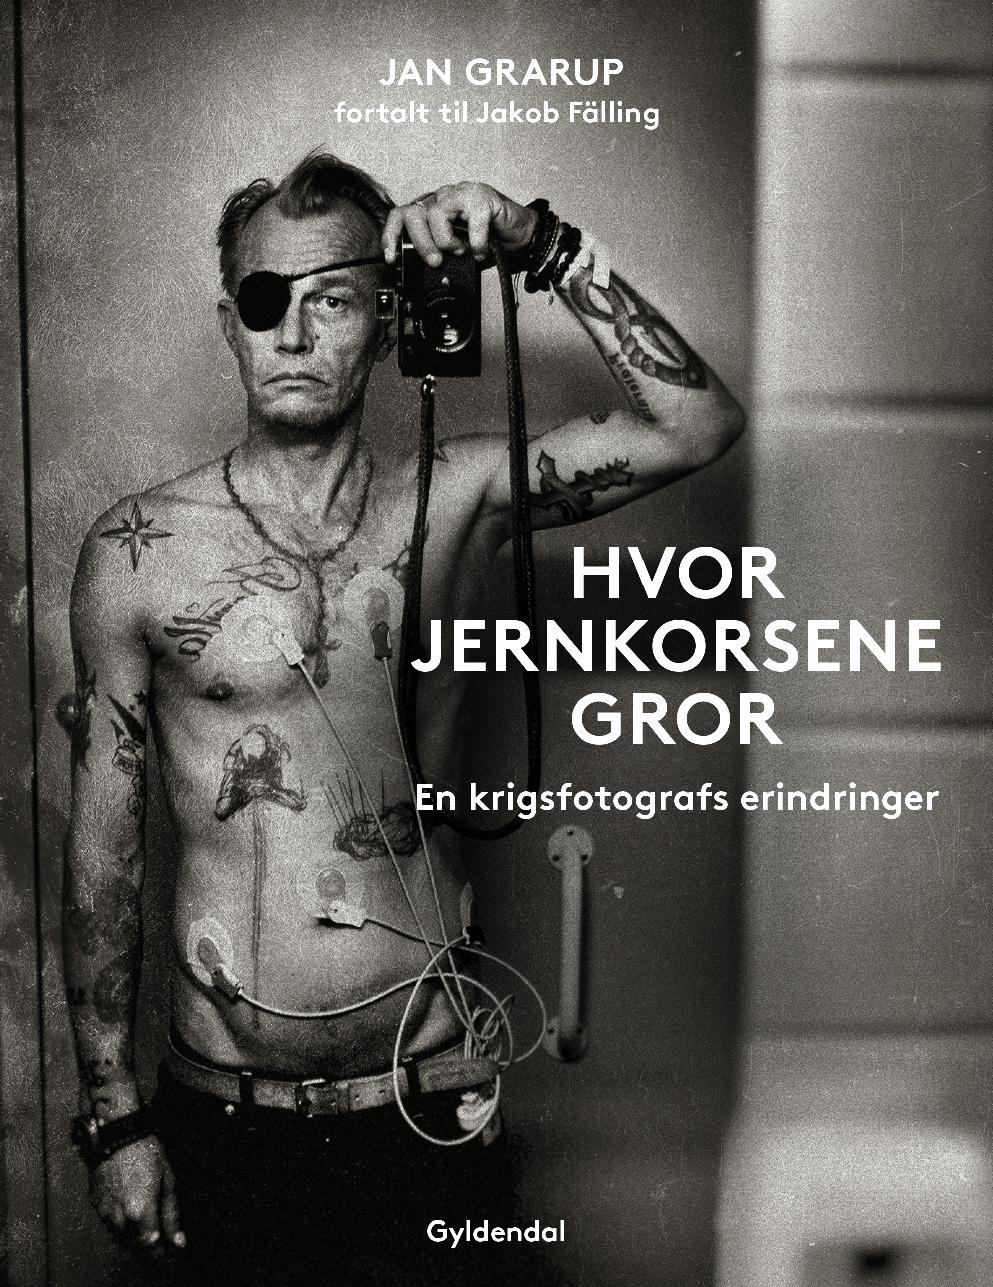 Jan Grarup - Krigsfotografen